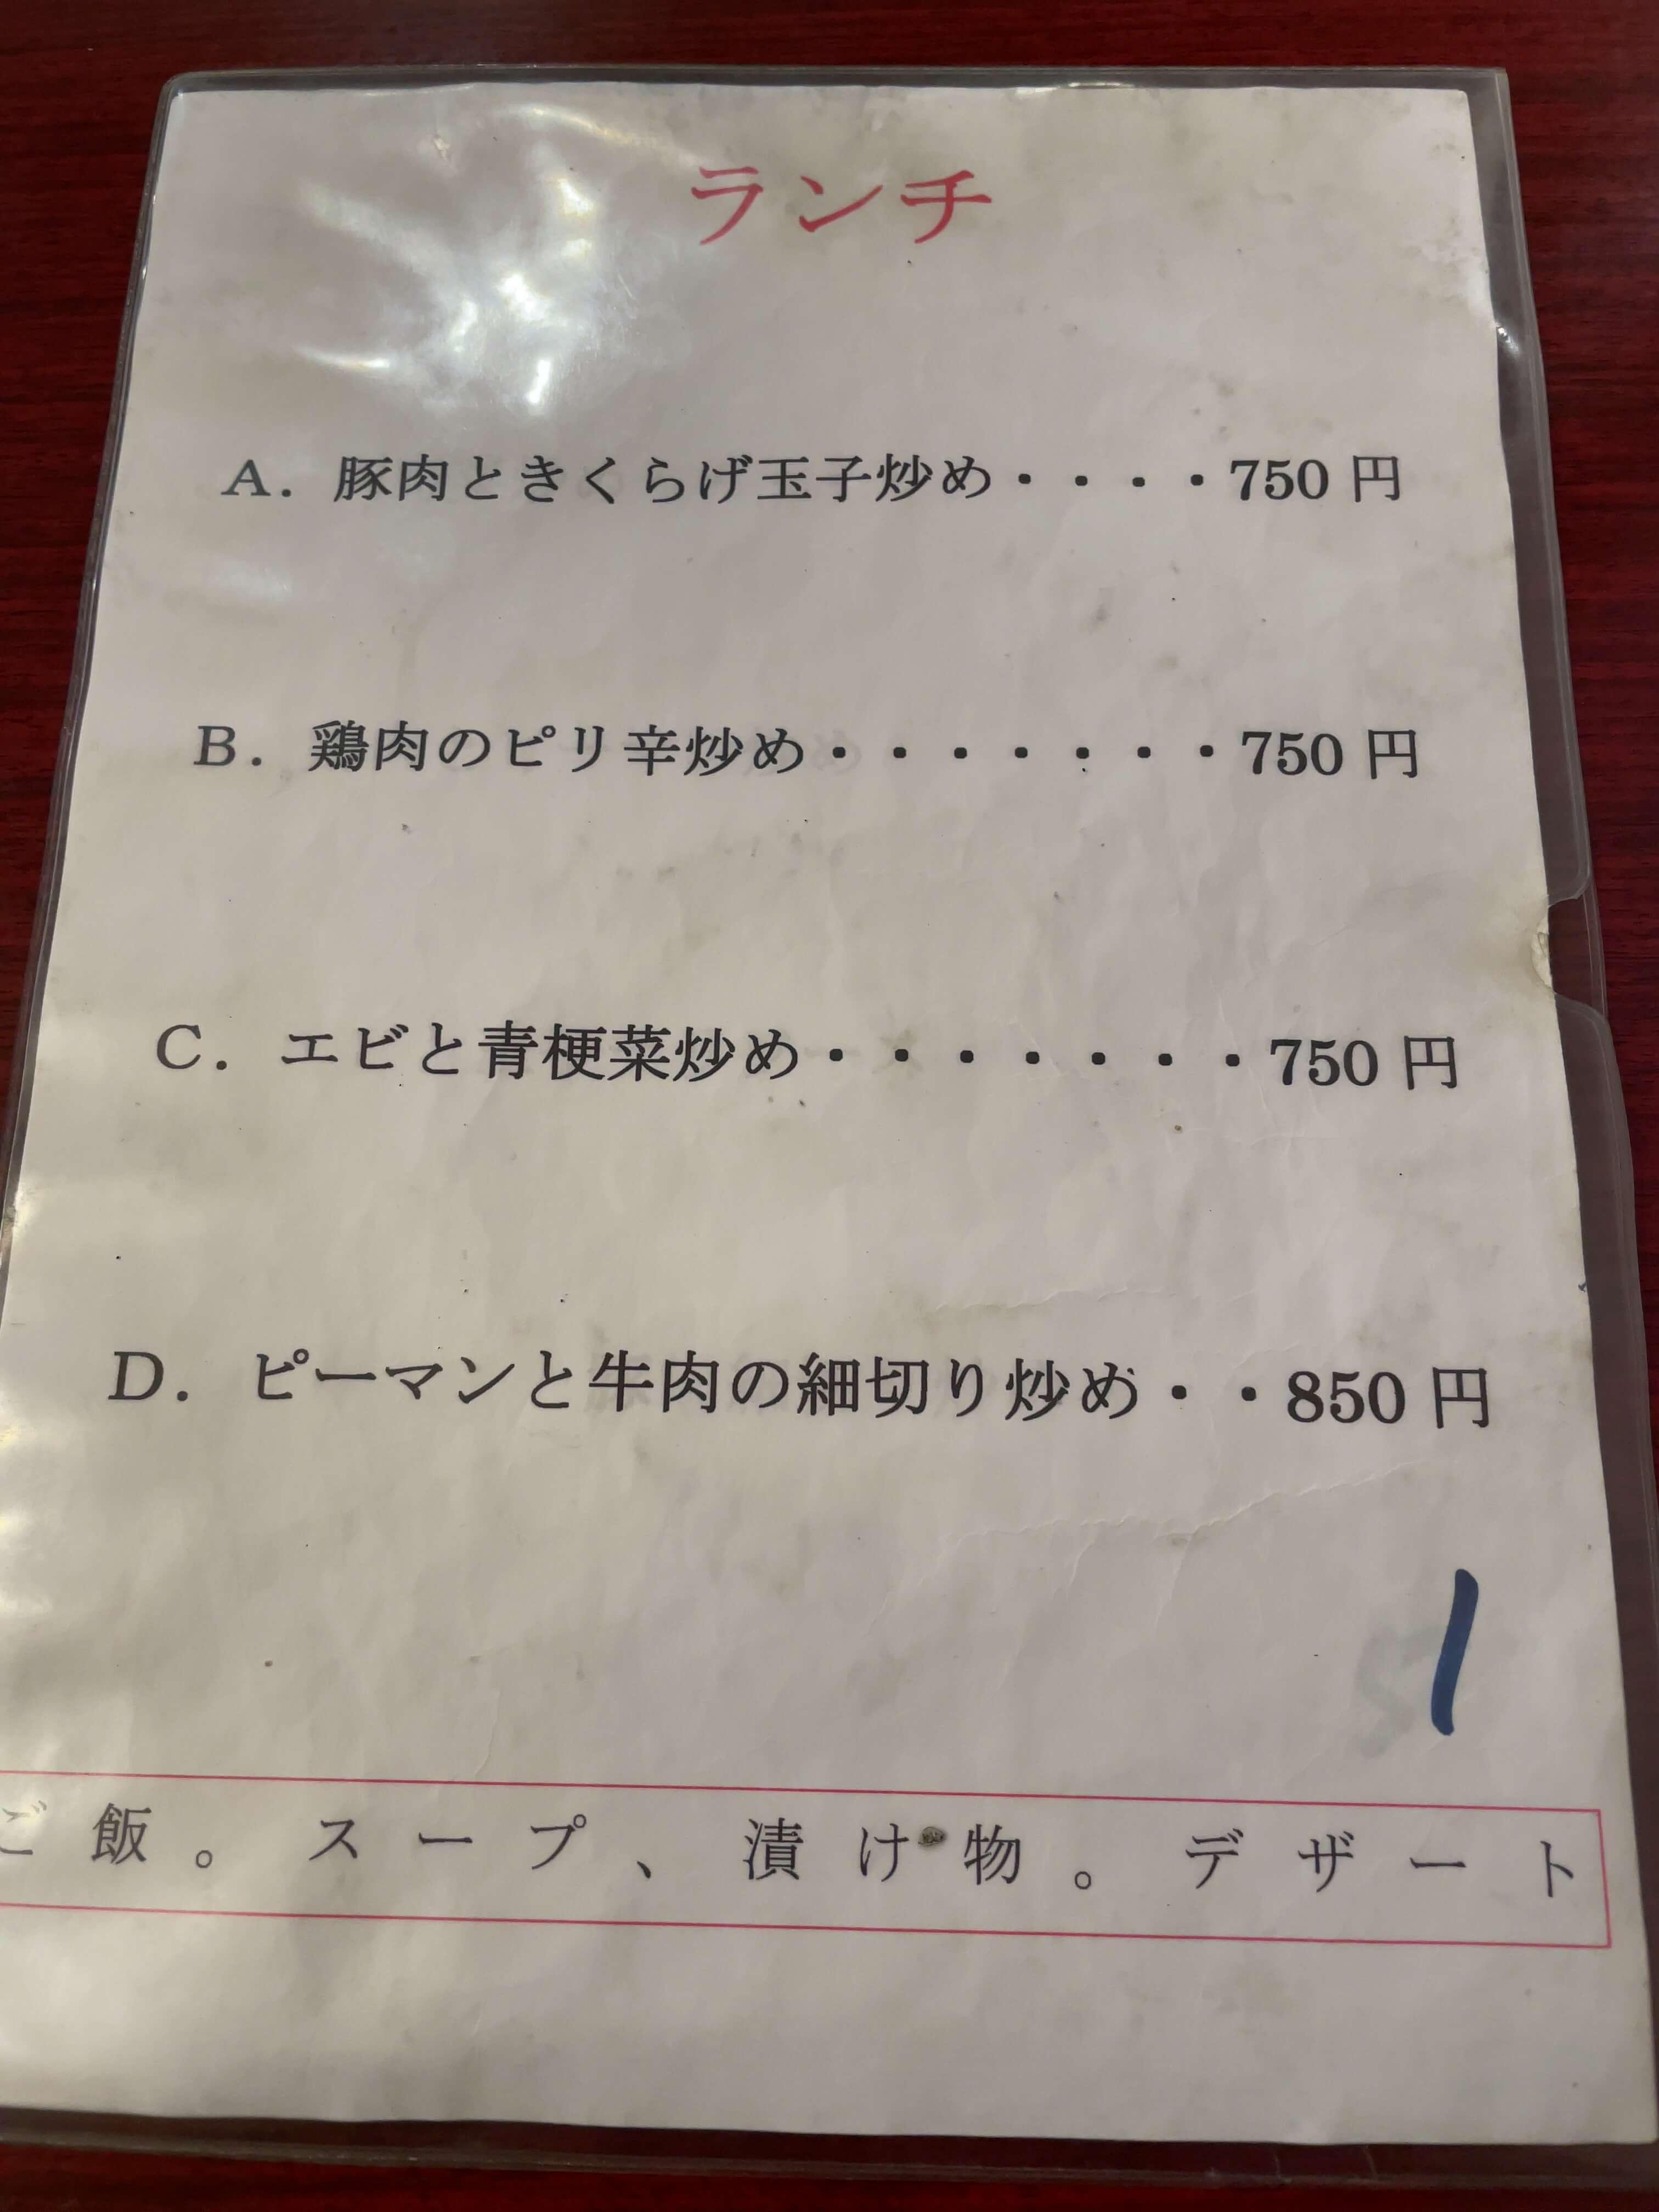 錦珍樓 メニュー 2021.02.13